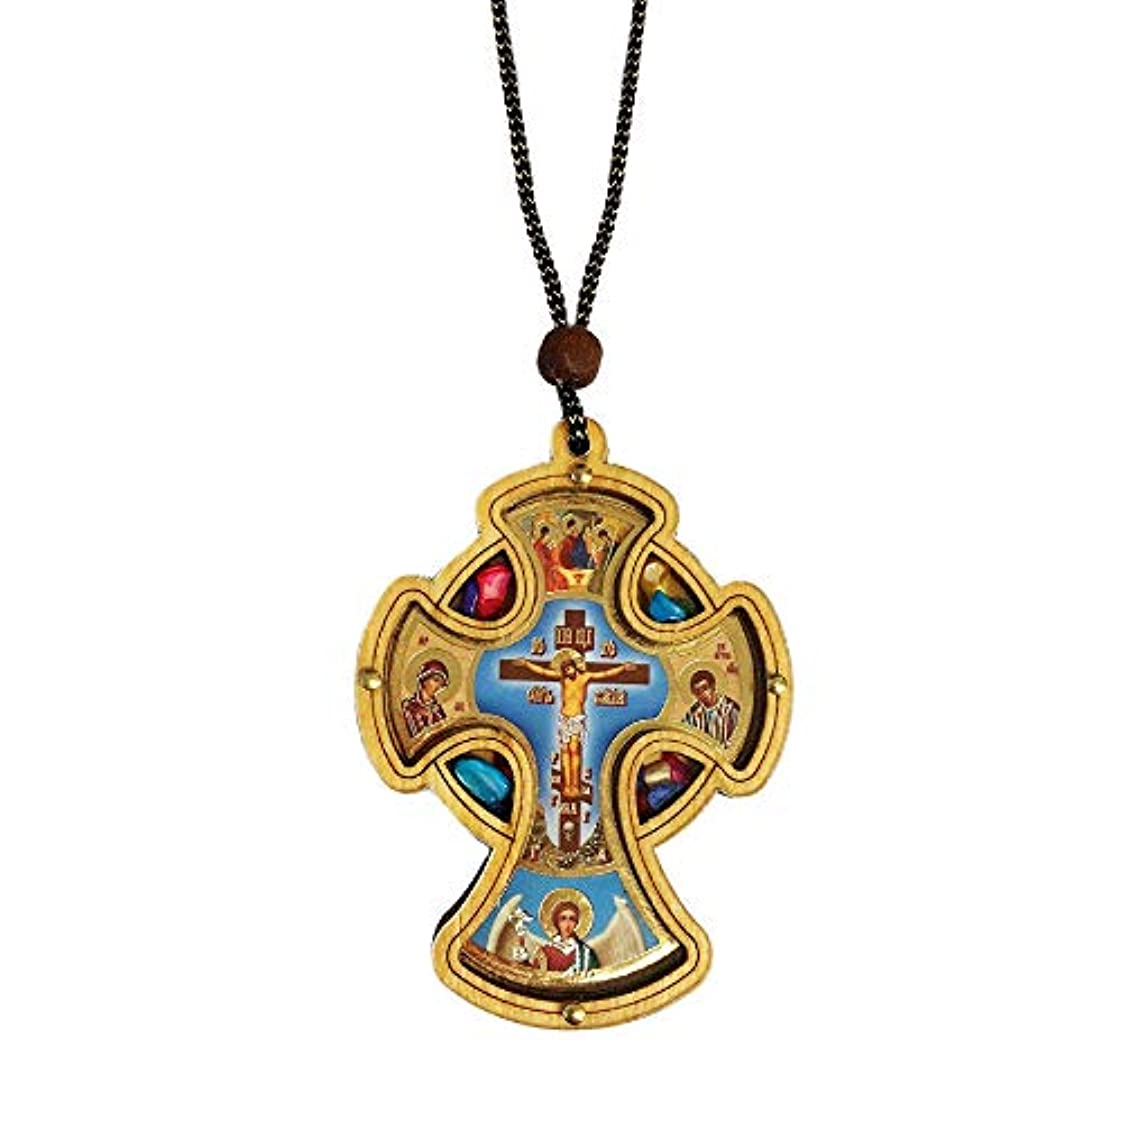 支配する鋭く破産Inspire Nation カーロザリオ カトリック木製クロス クリスタルインセンス付き ブルー